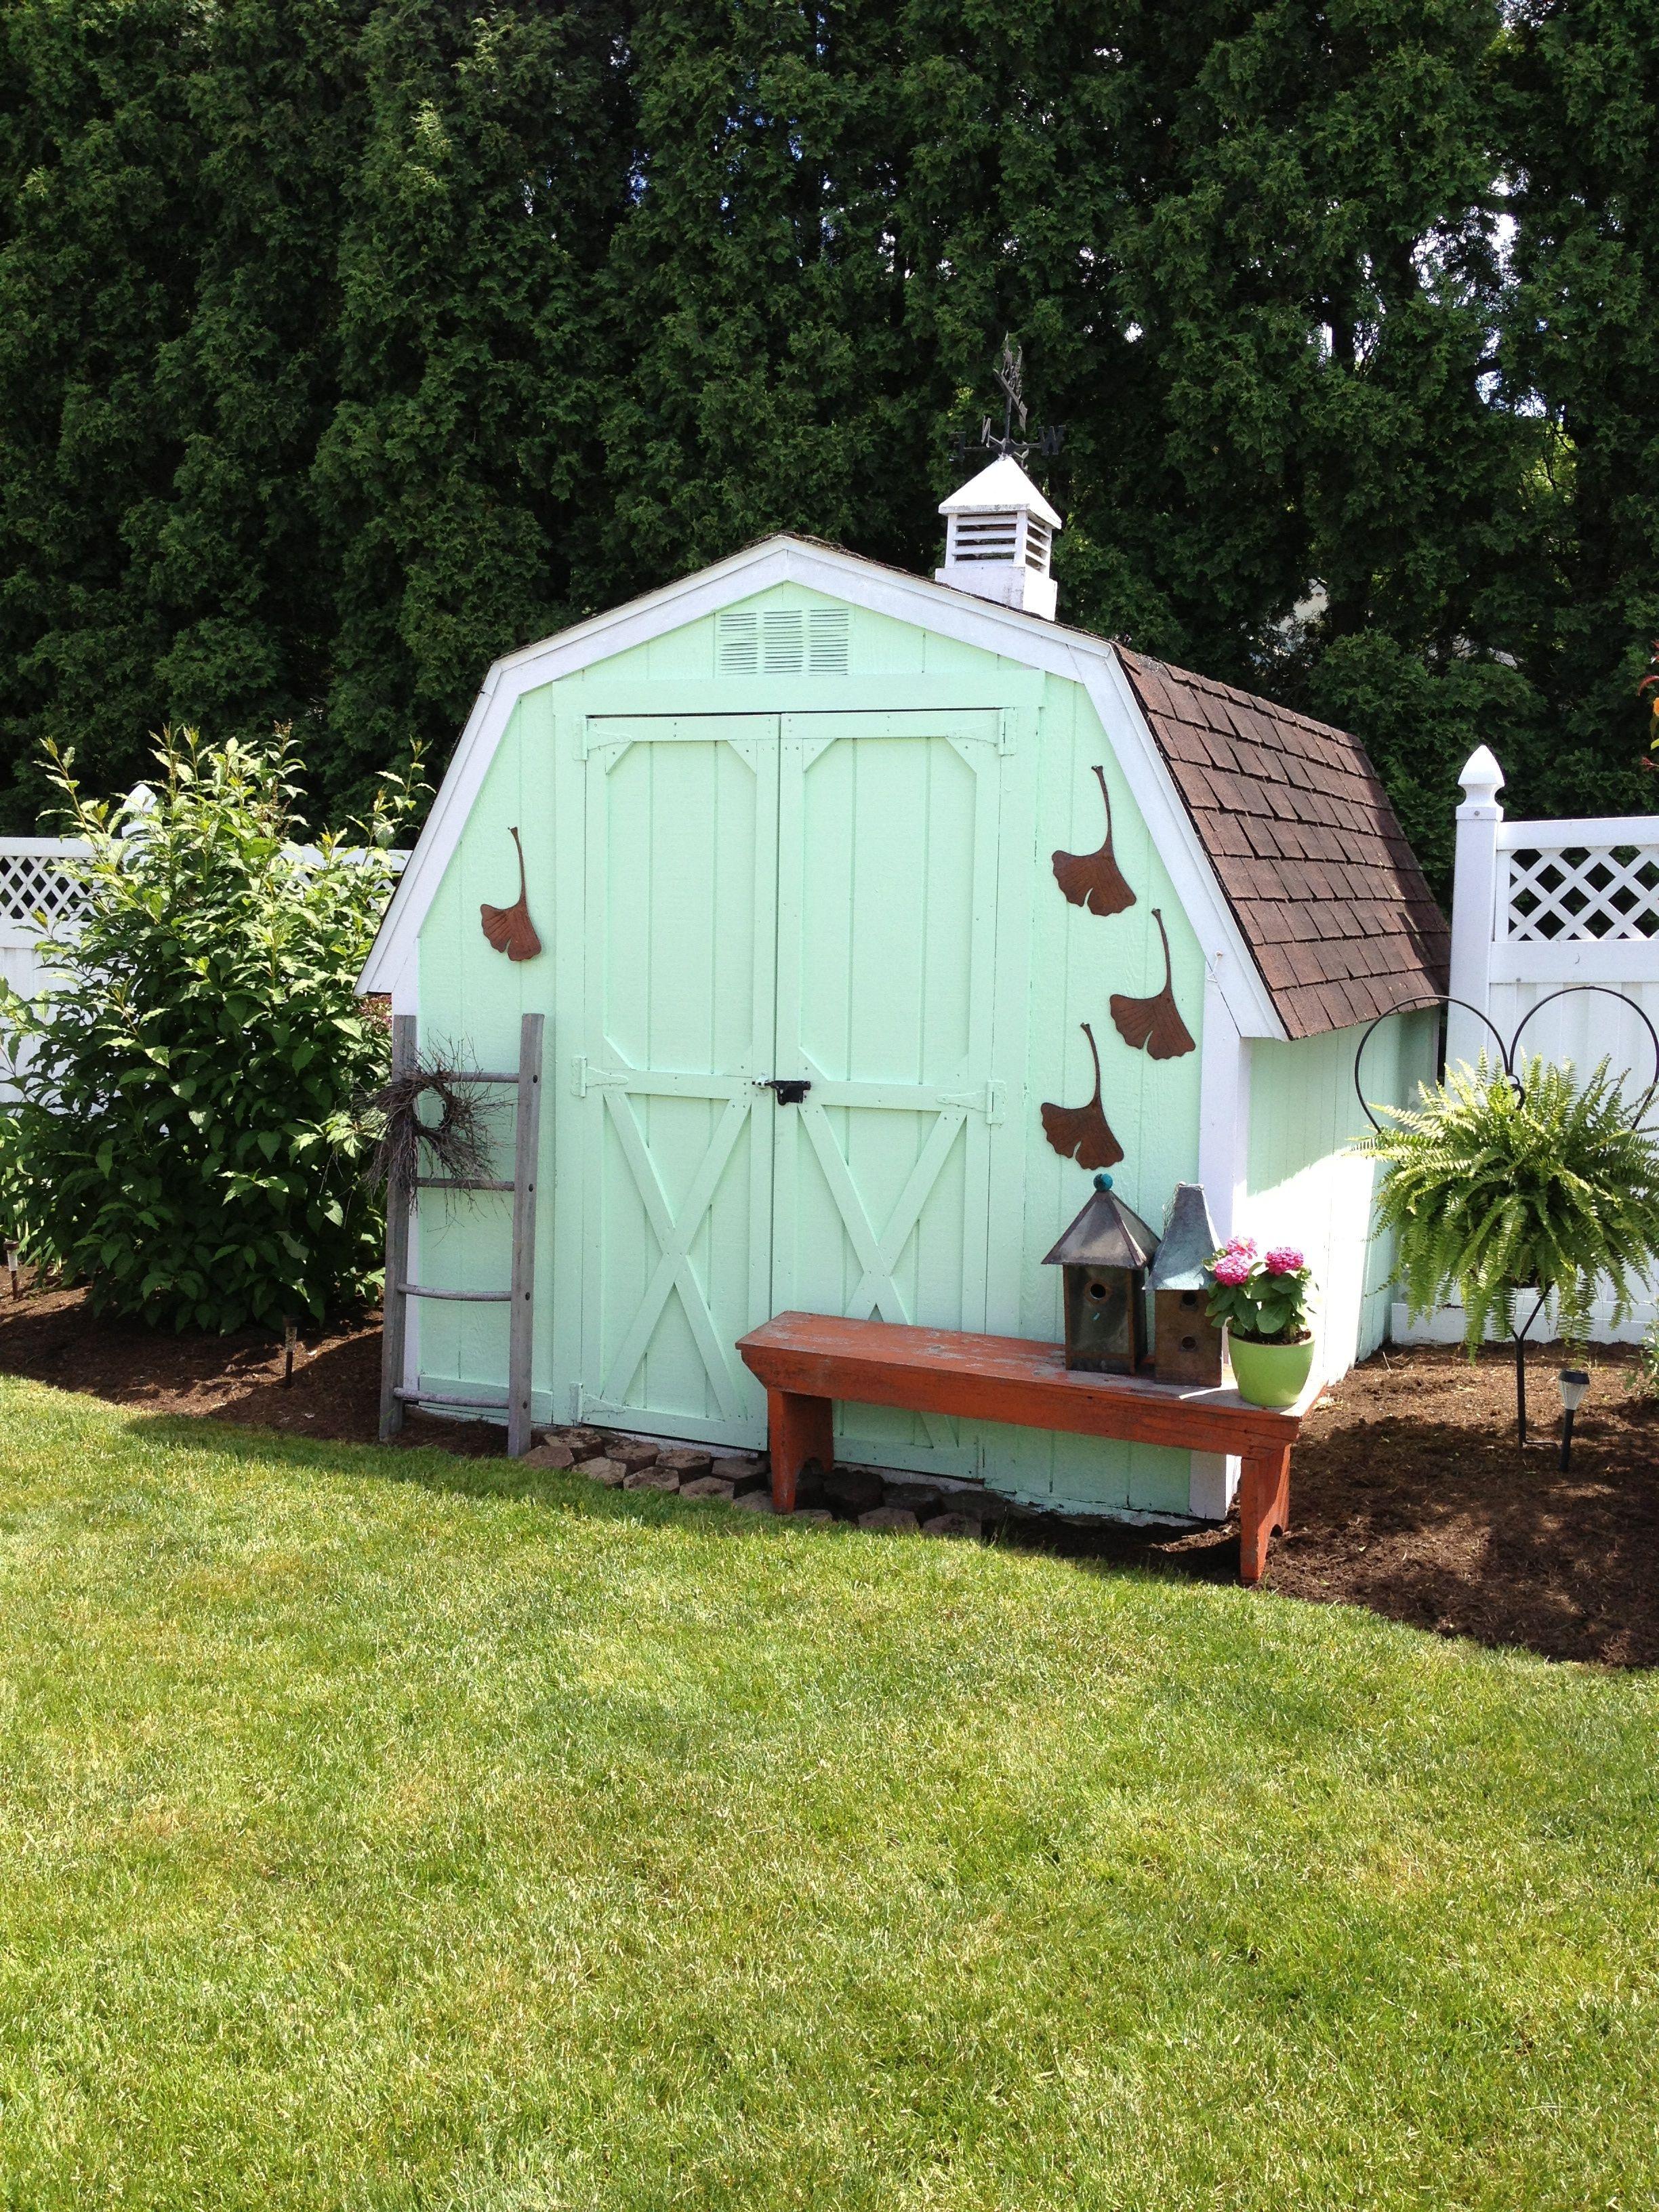 shed spruce up: inspiring ideas for garden sheds